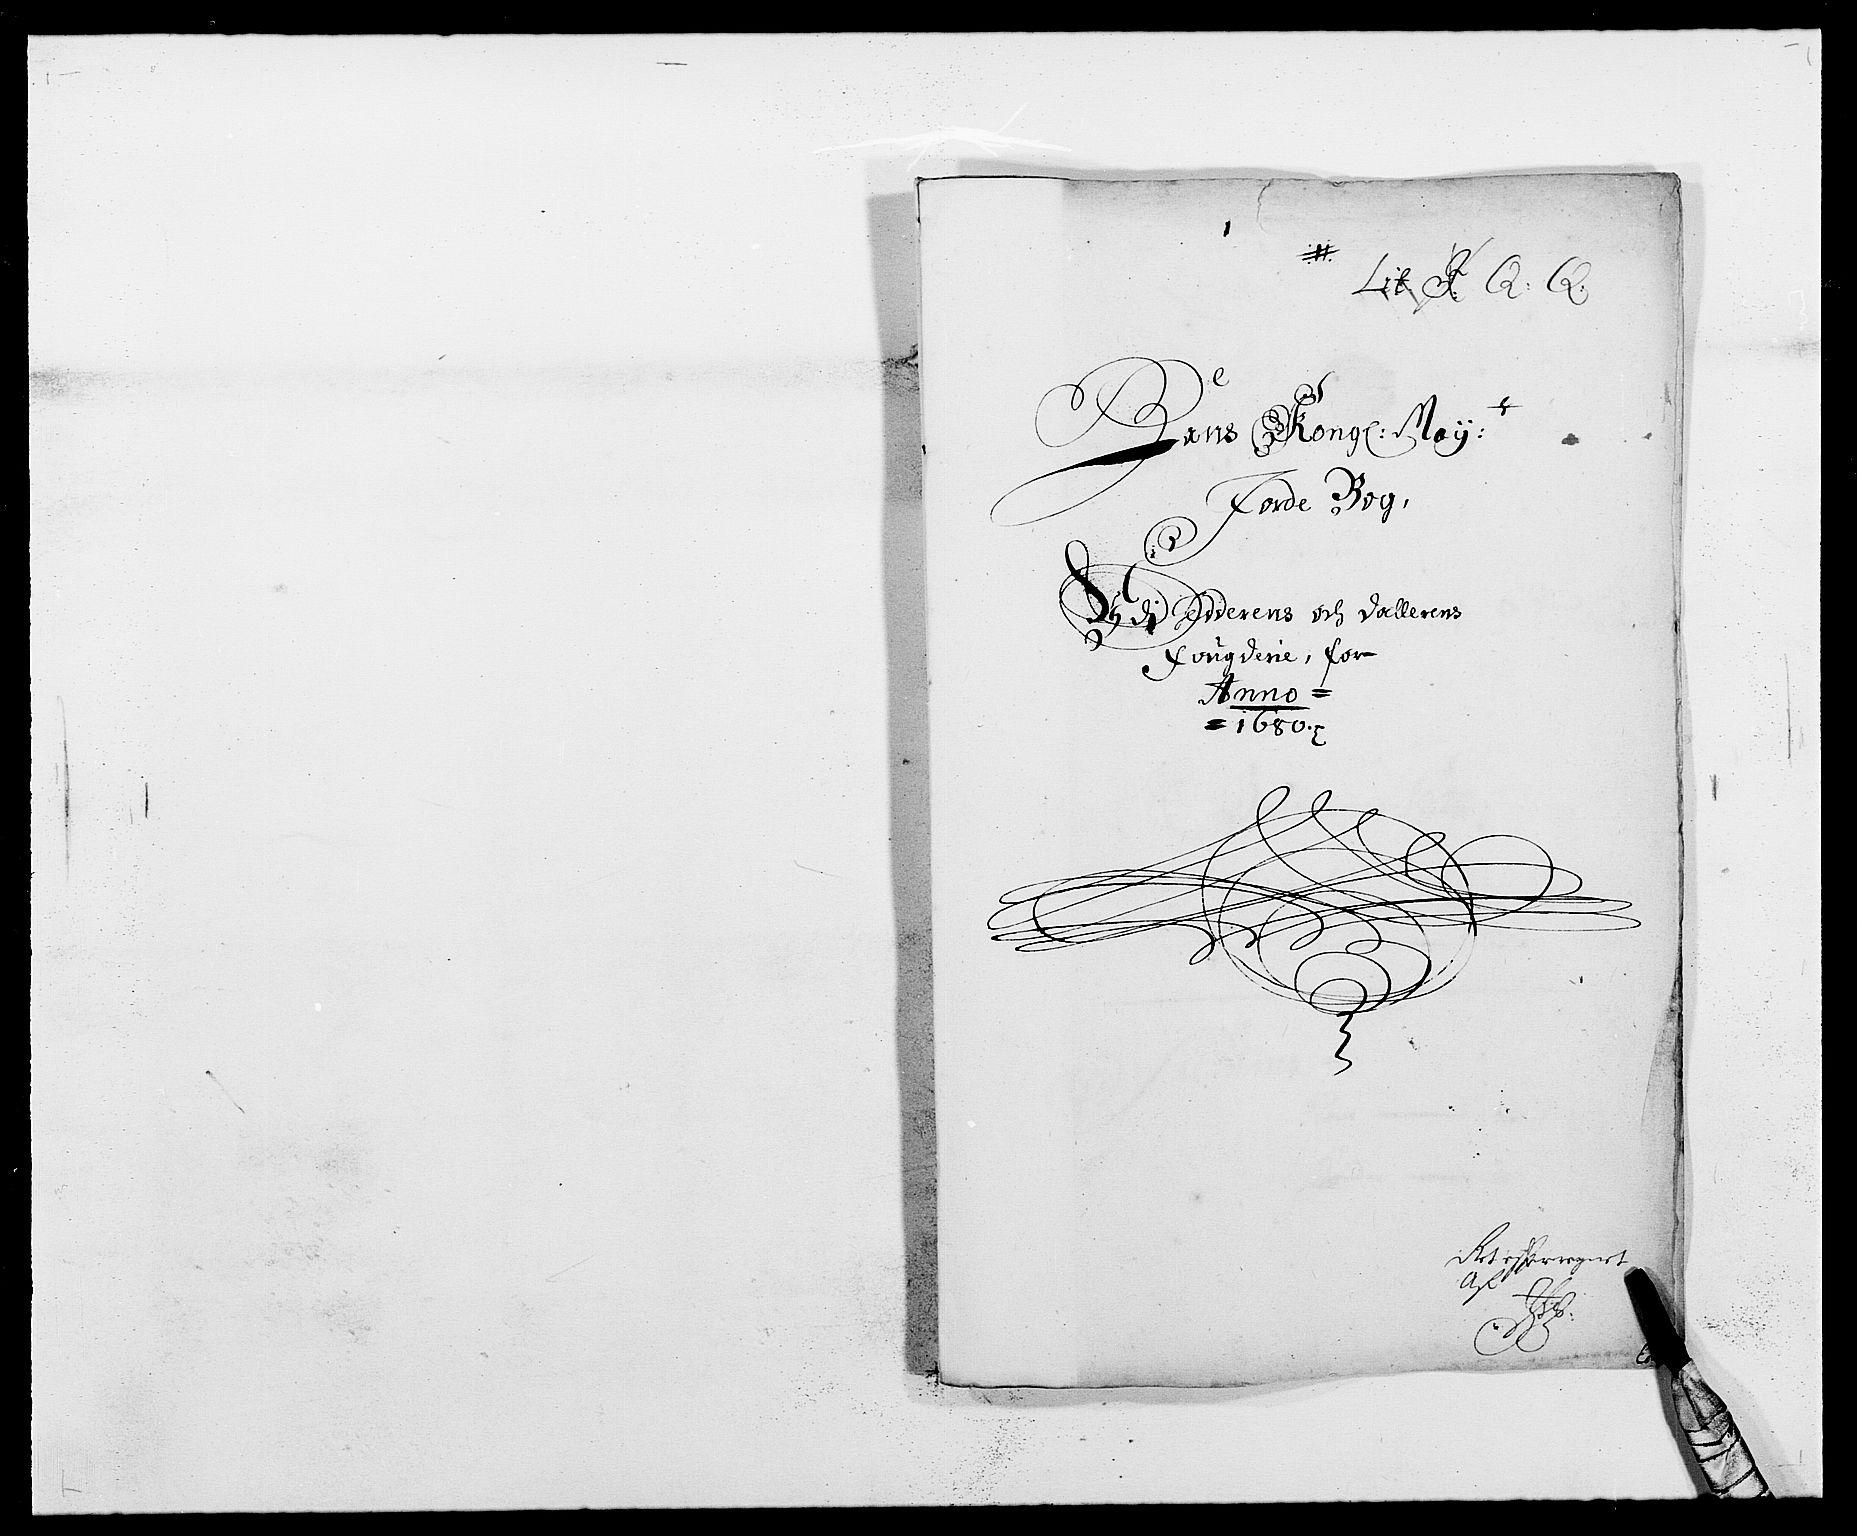 RA, Rentekammeret inntil 1814, Reviderte regnskaper, Fogderegnskap, R46/L2721: Fogderegnskap Jæren og Dalane, 1680, s. 194